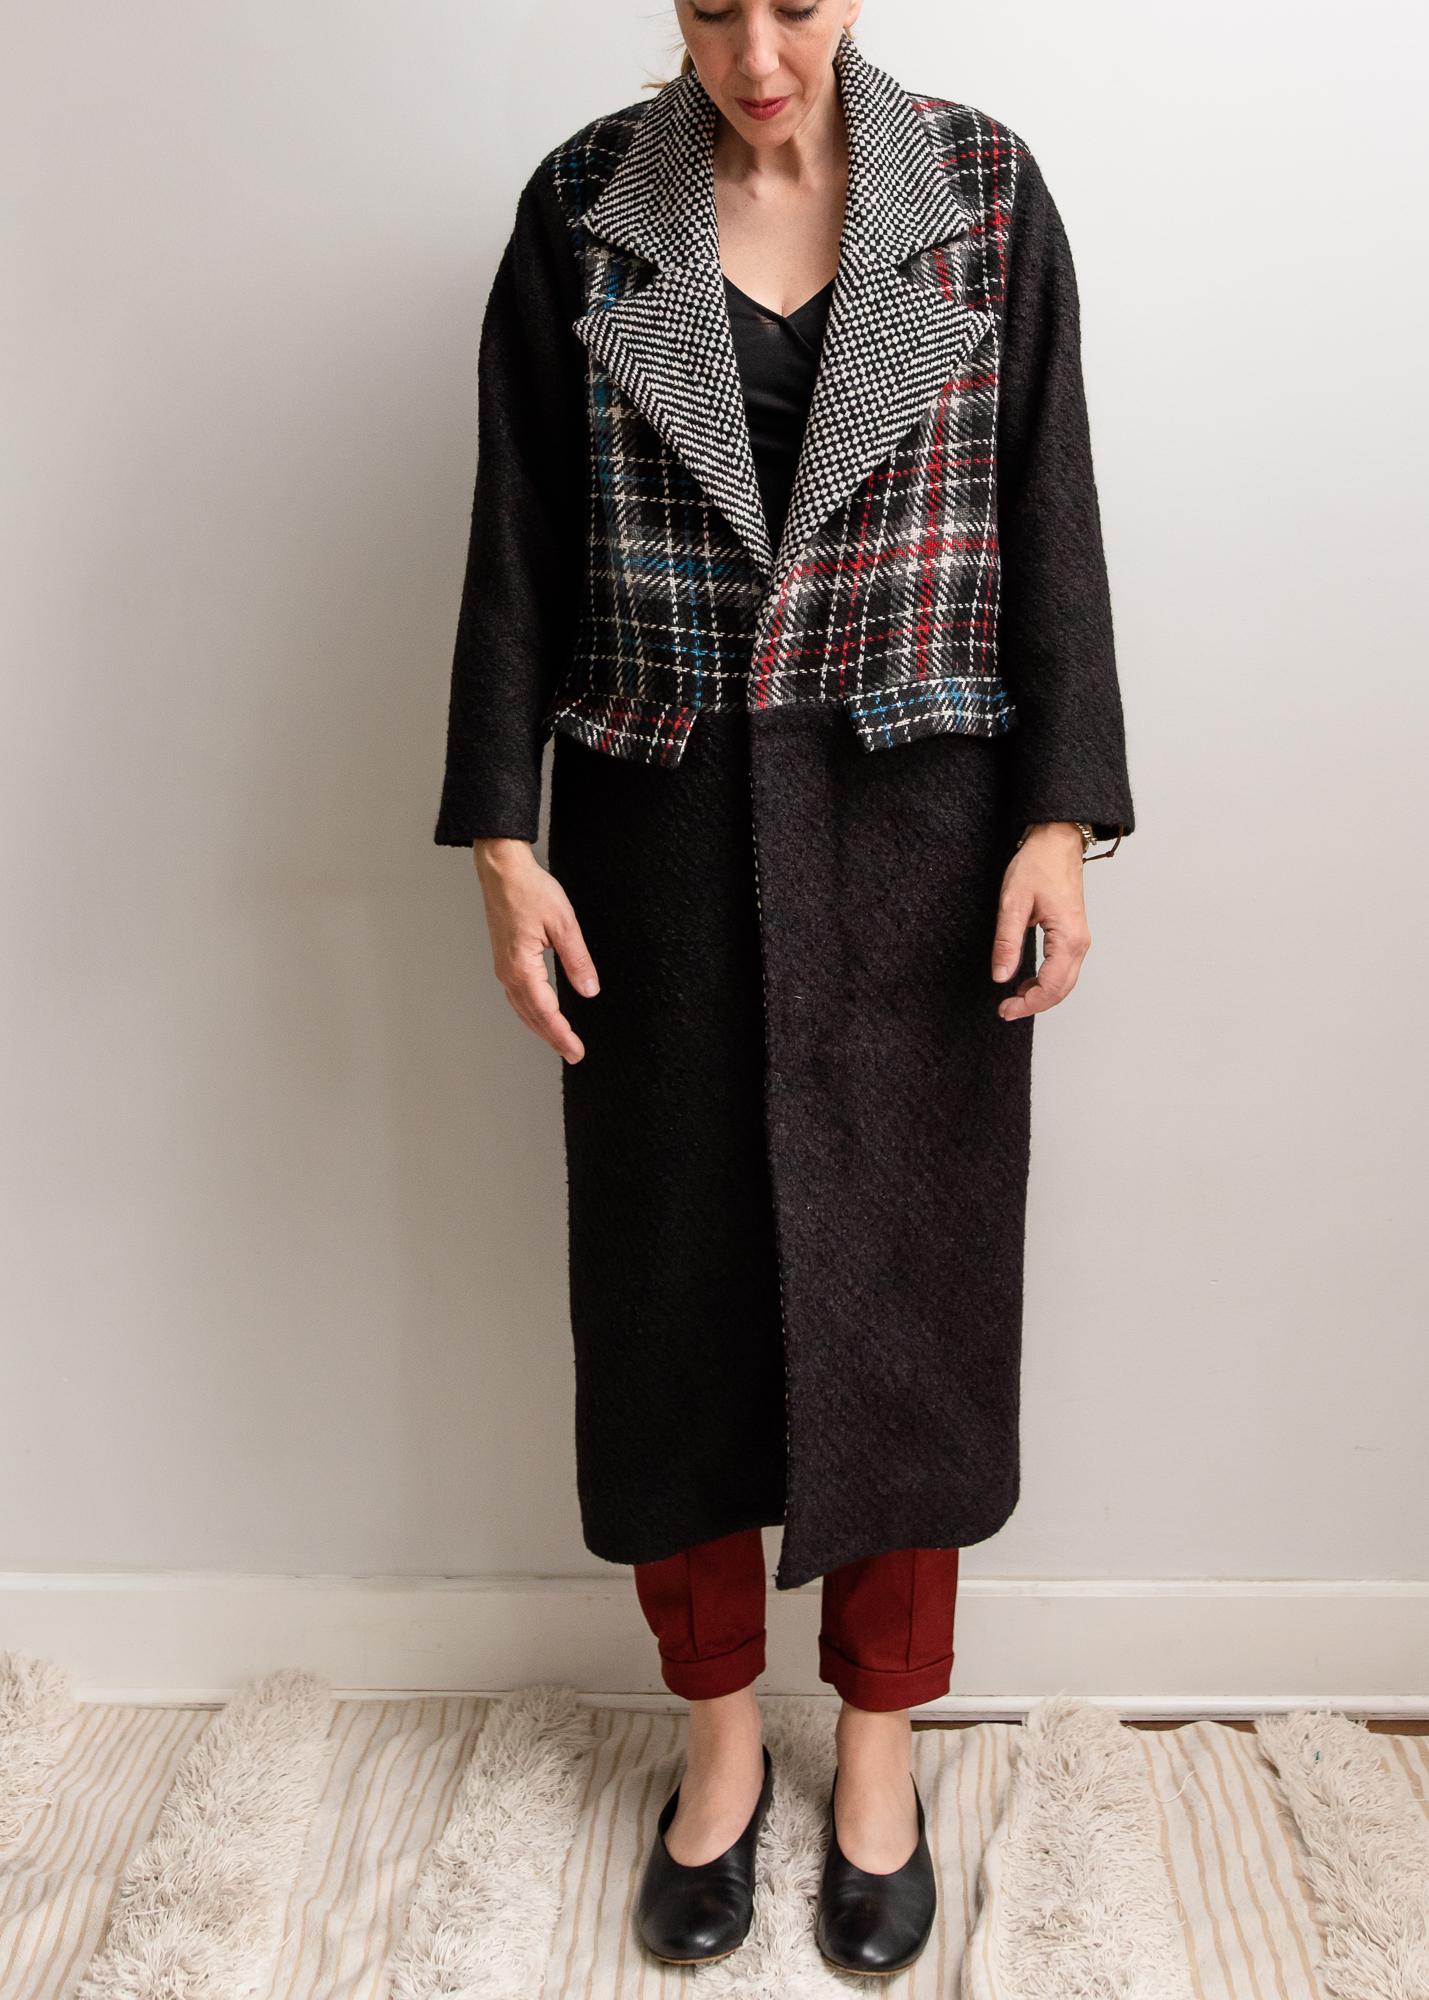 Surtout-Pdf-Sewing-Pattern-Coat-DIY17.jpg